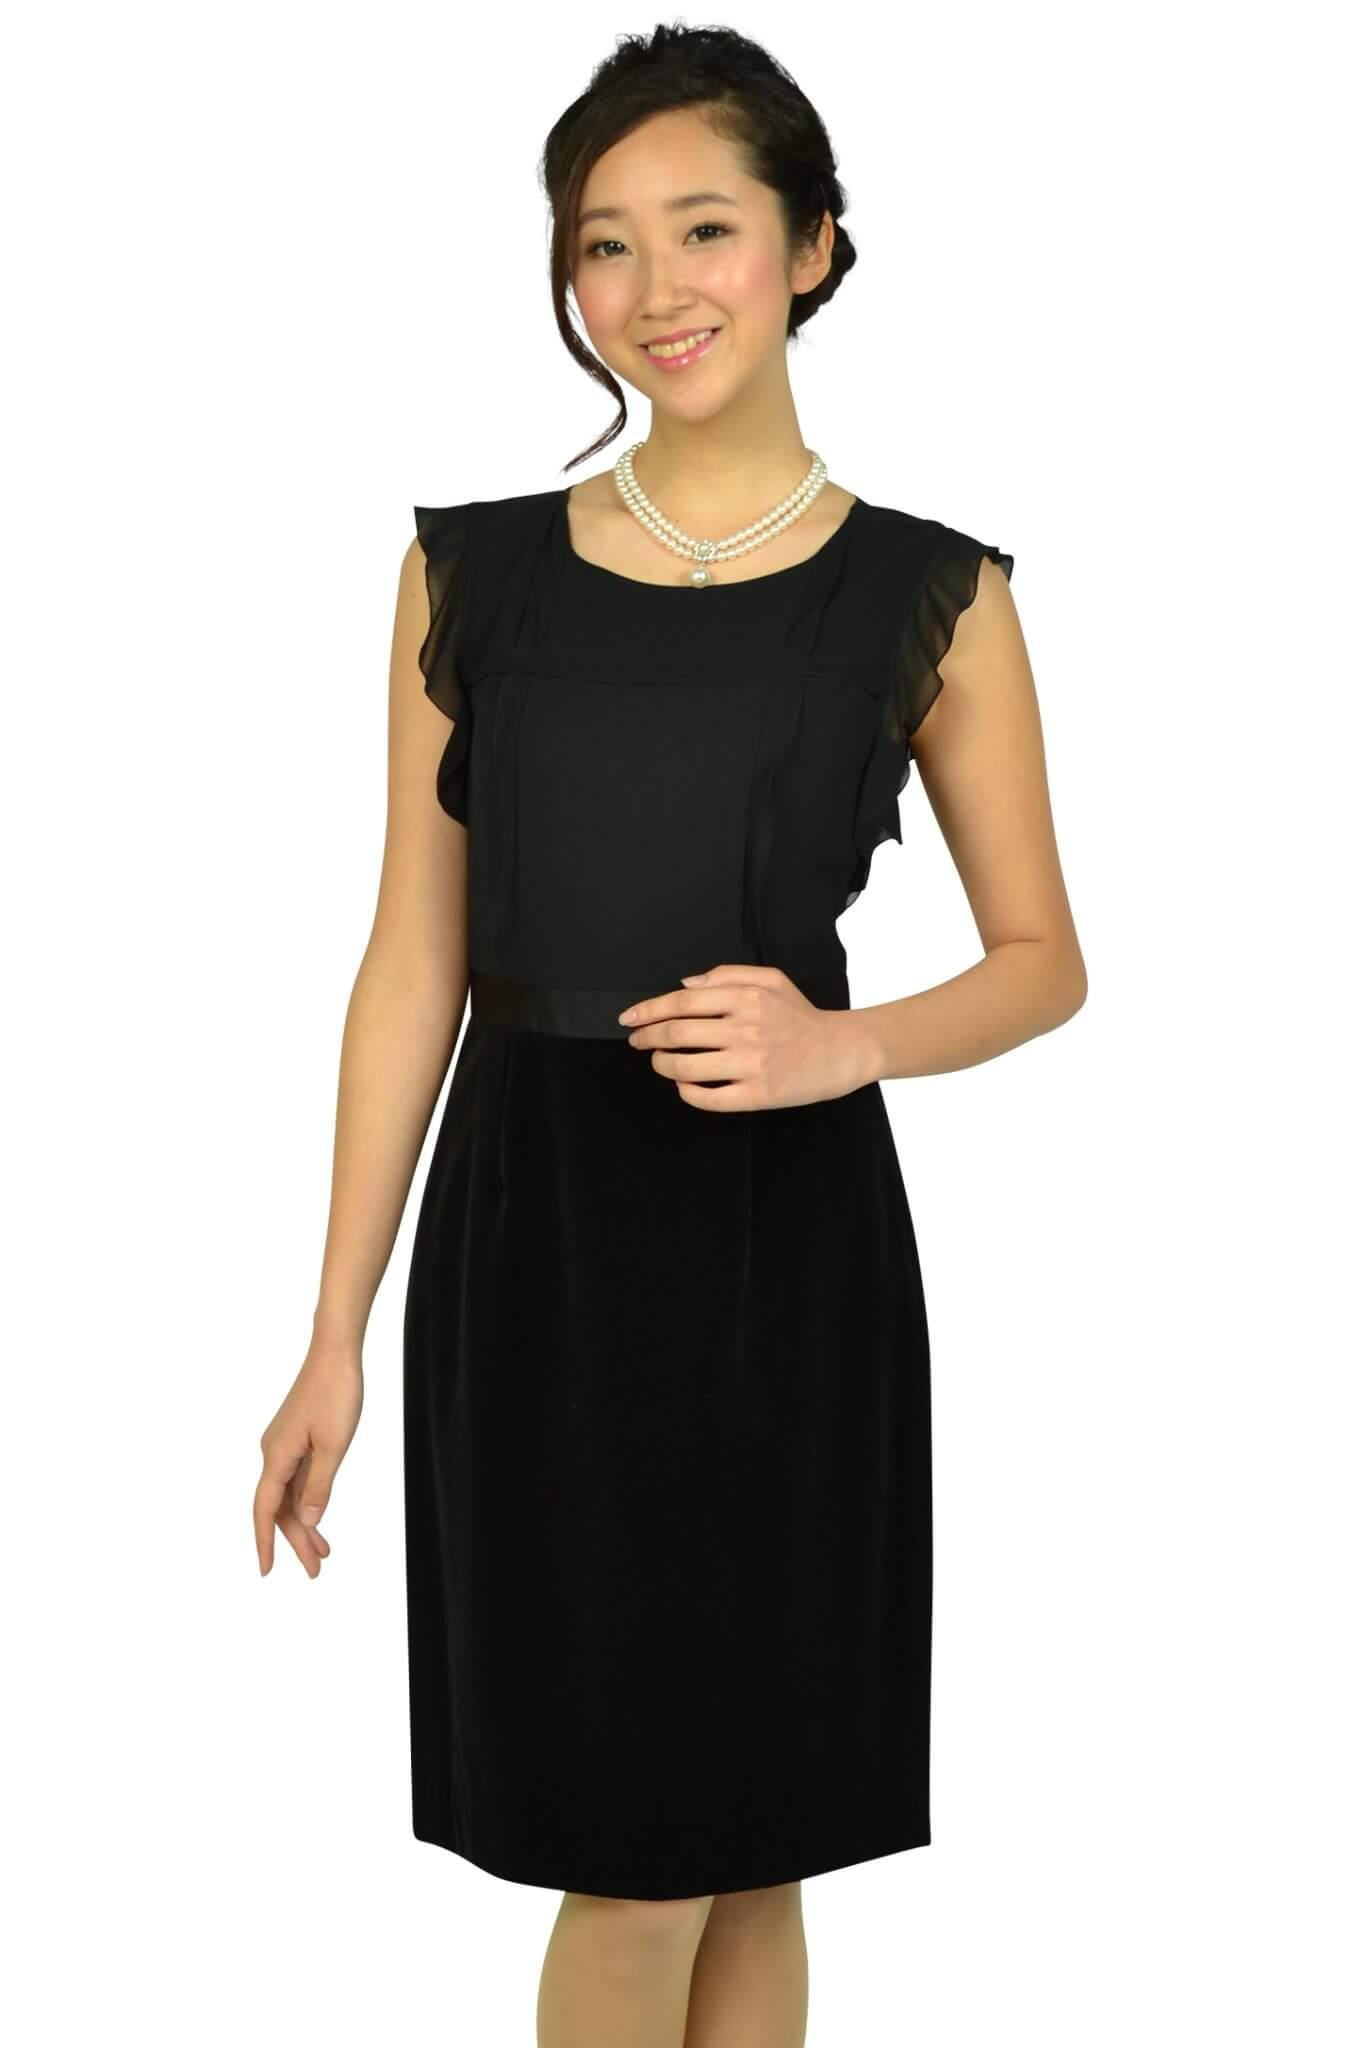 アナイ (ANAYI)Iラインベロアスカートブラックドレス